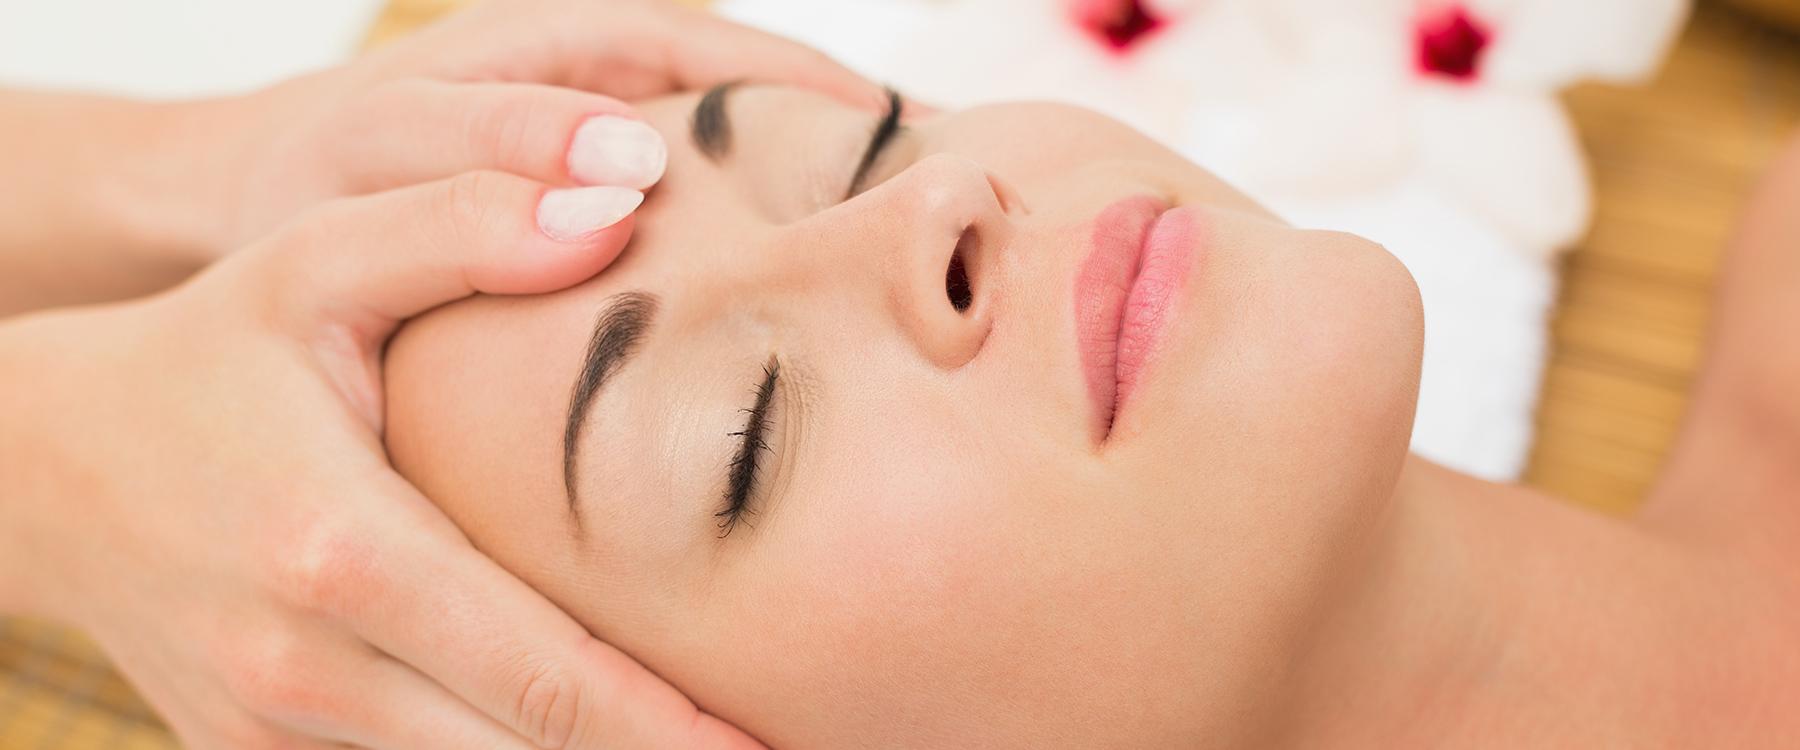 Shiatsu Face, Neck and Shoulder Massage - Addlestone Therapy